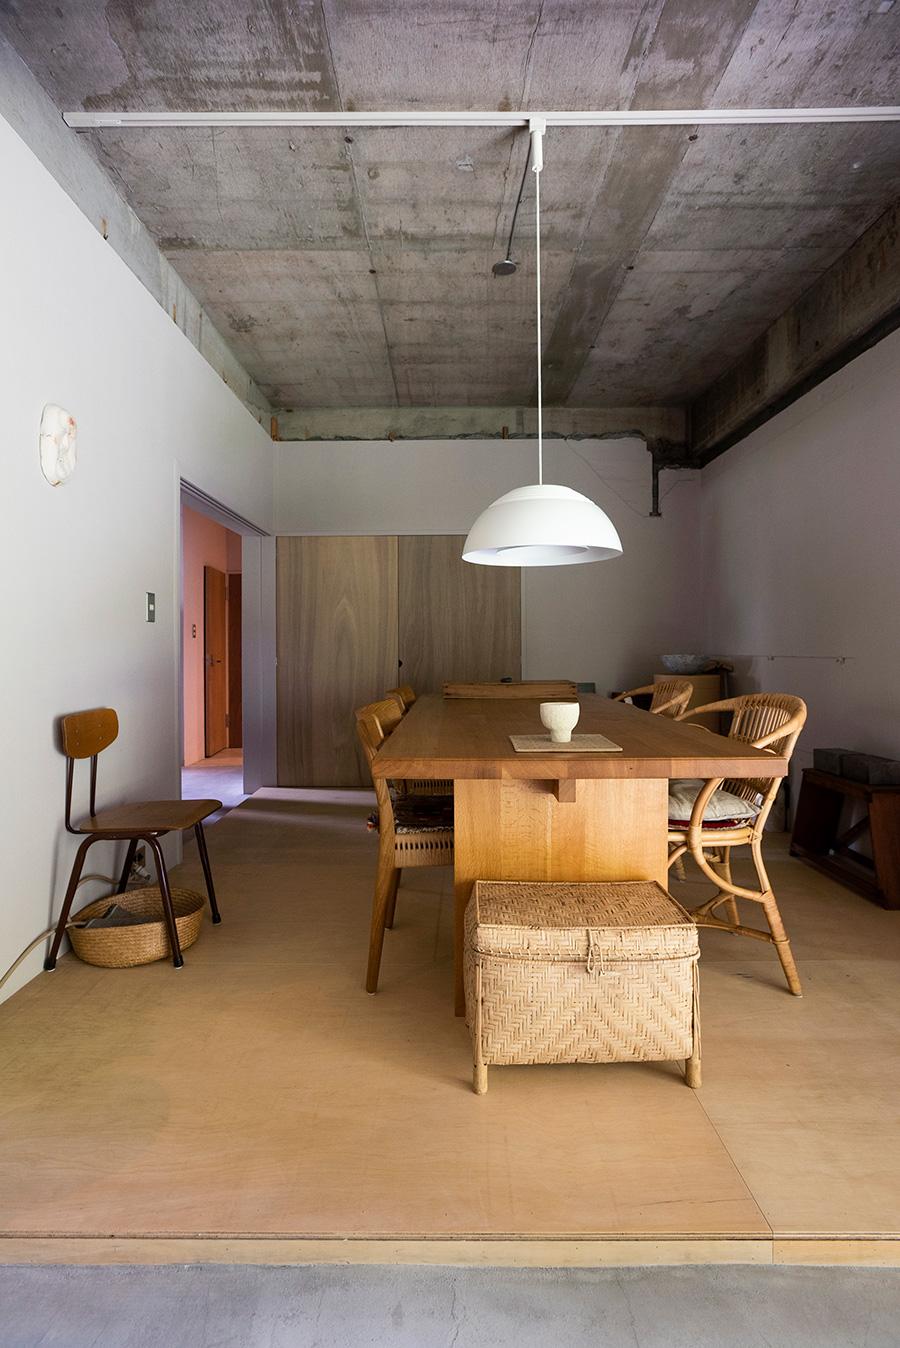 イスはラタン家具のブランドSika DesingやCARL HANSEN&SON。ラワンの床や建具に似合う。